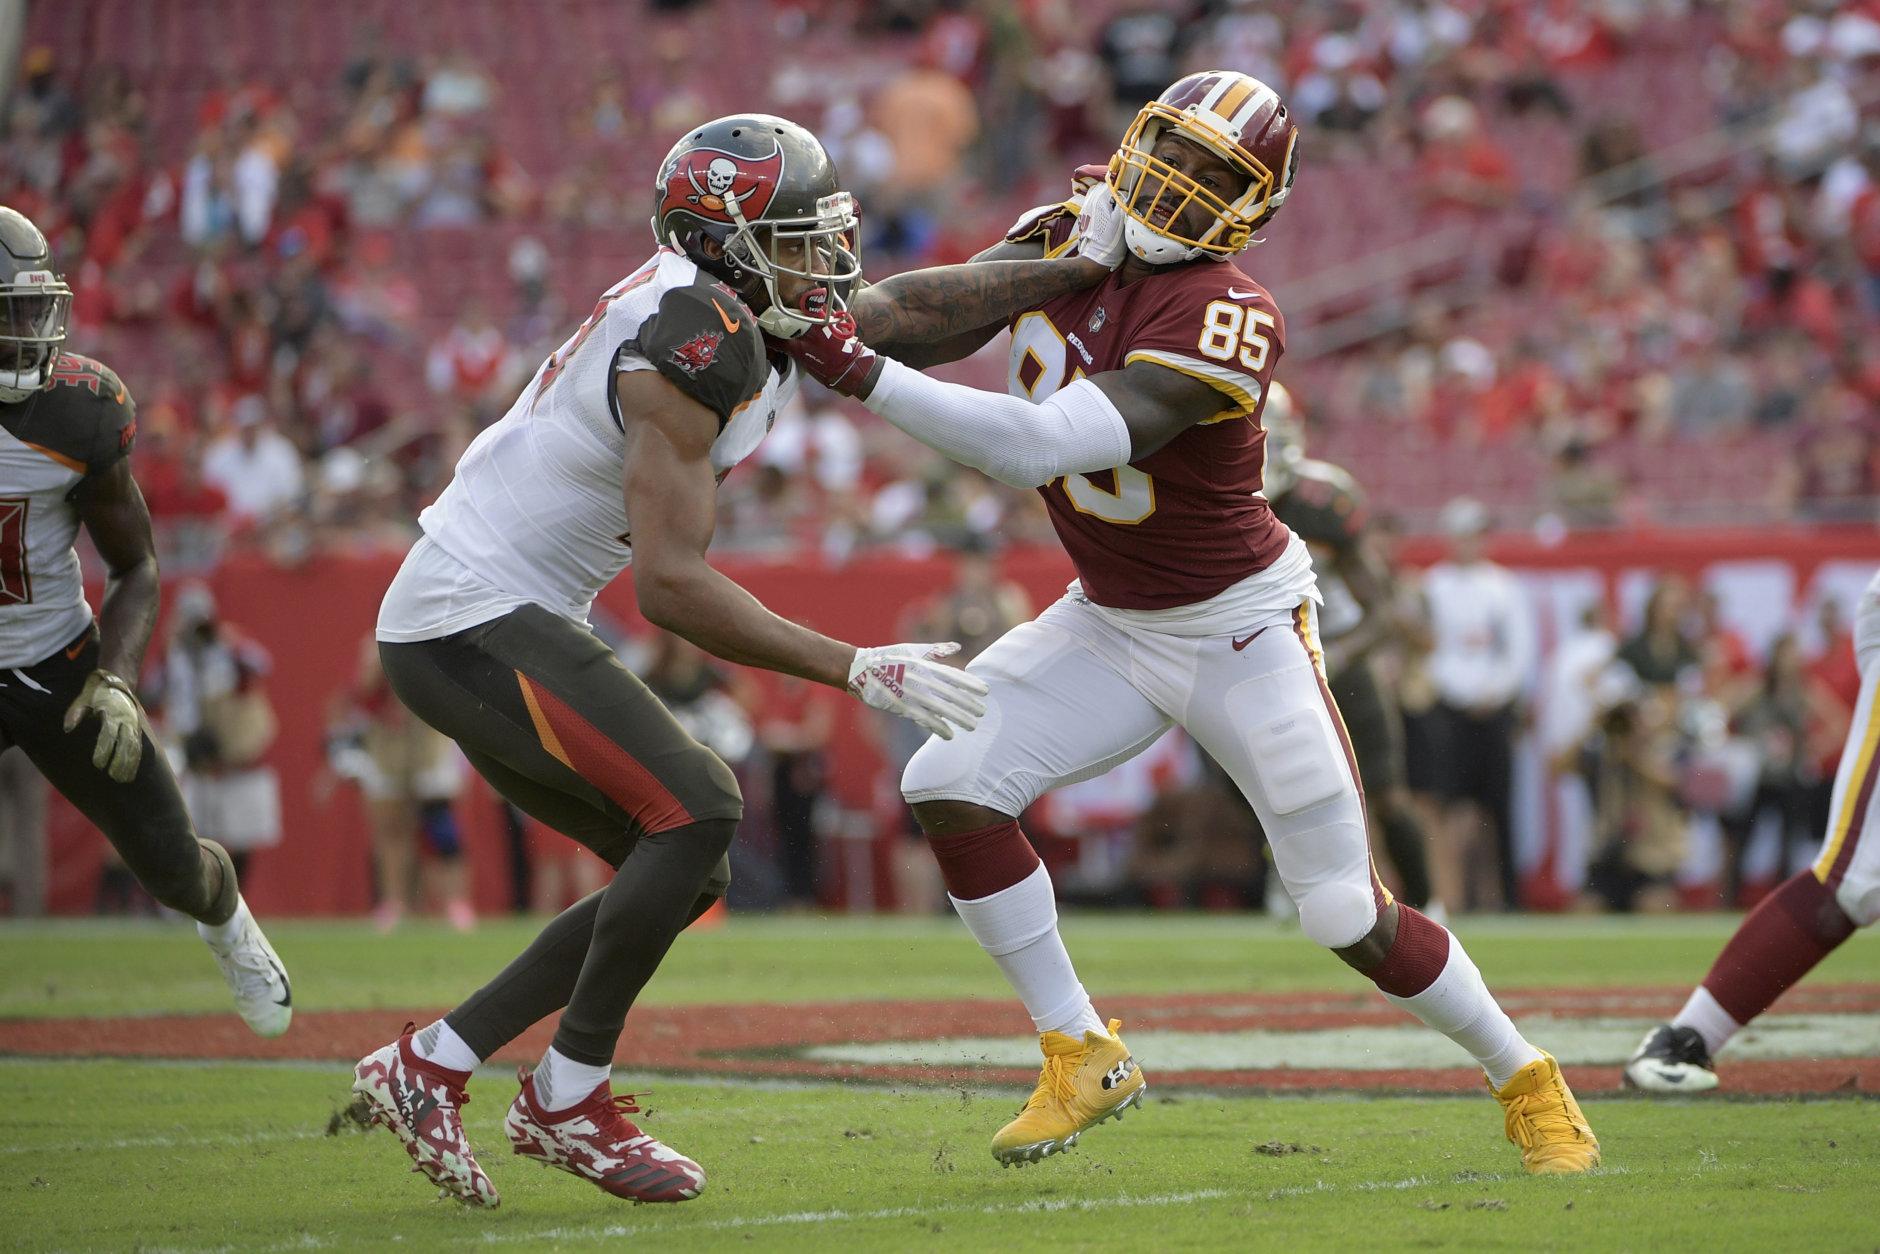 Washington Redskins tight end Jordan Reed (86) blocks against Tampa Bay Buccaneers cornerback Carlton Davis (33) during the second half of an NFL football game Sunday, Nov. 11, 2018, in Tampa, Fla. (AP Photo/Phelan M. Ebenhack)